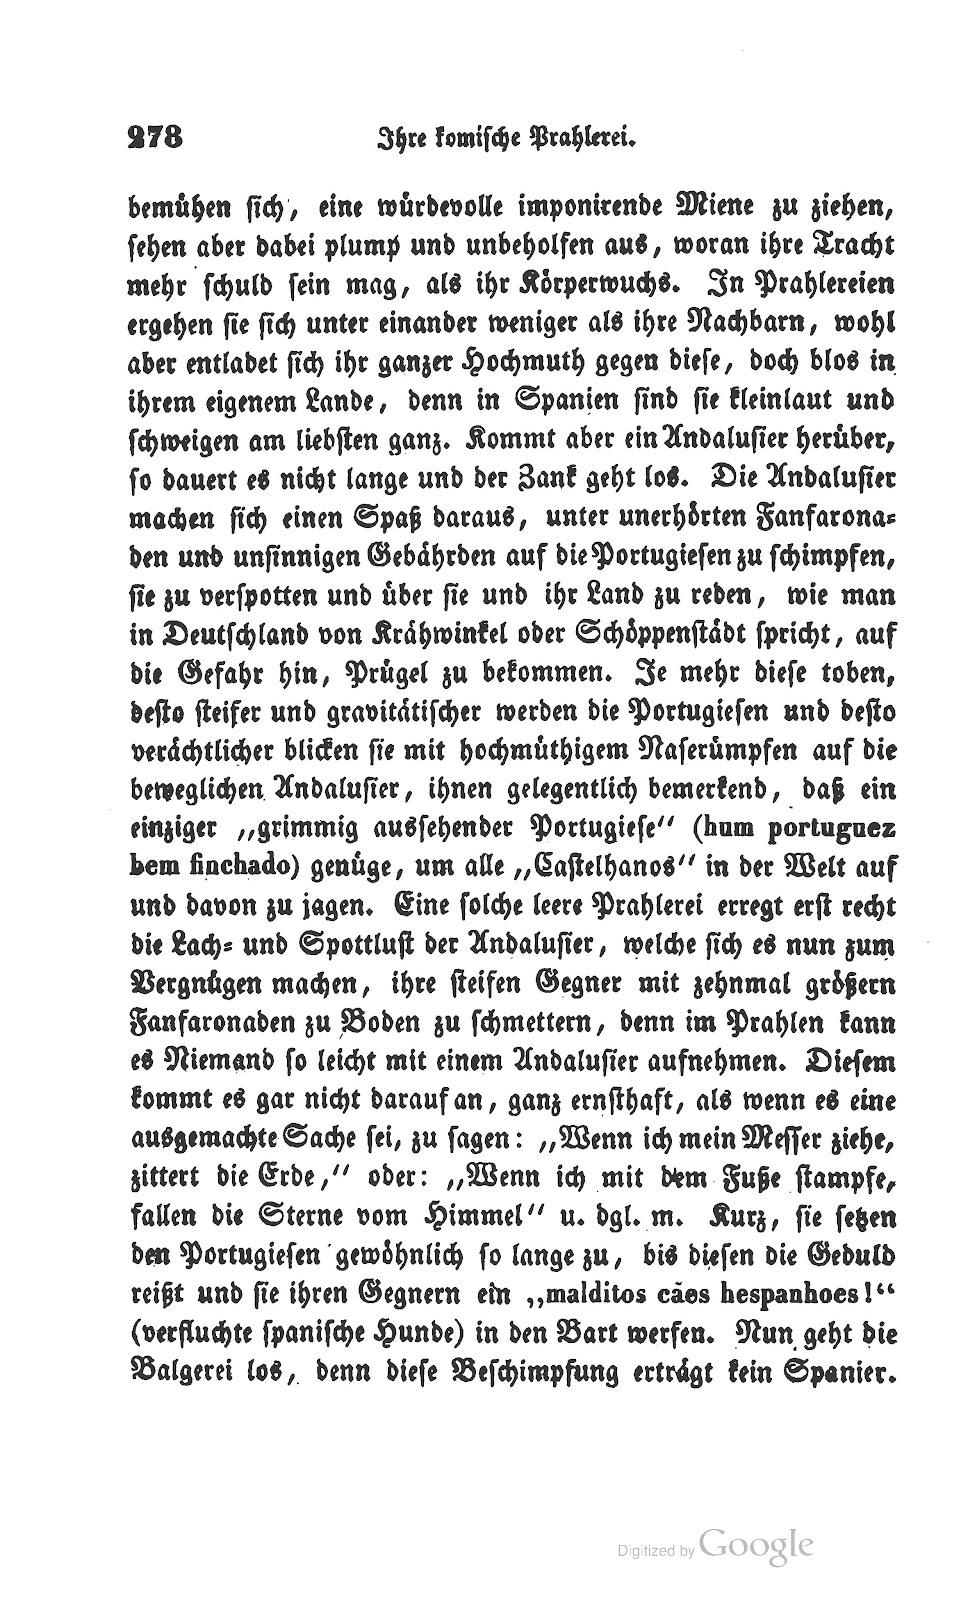 WIllkomm - 10. Kapitel Pages from Zwei_Jahre_in_Spanien_und_Portugal(3)_Page_20.jpg